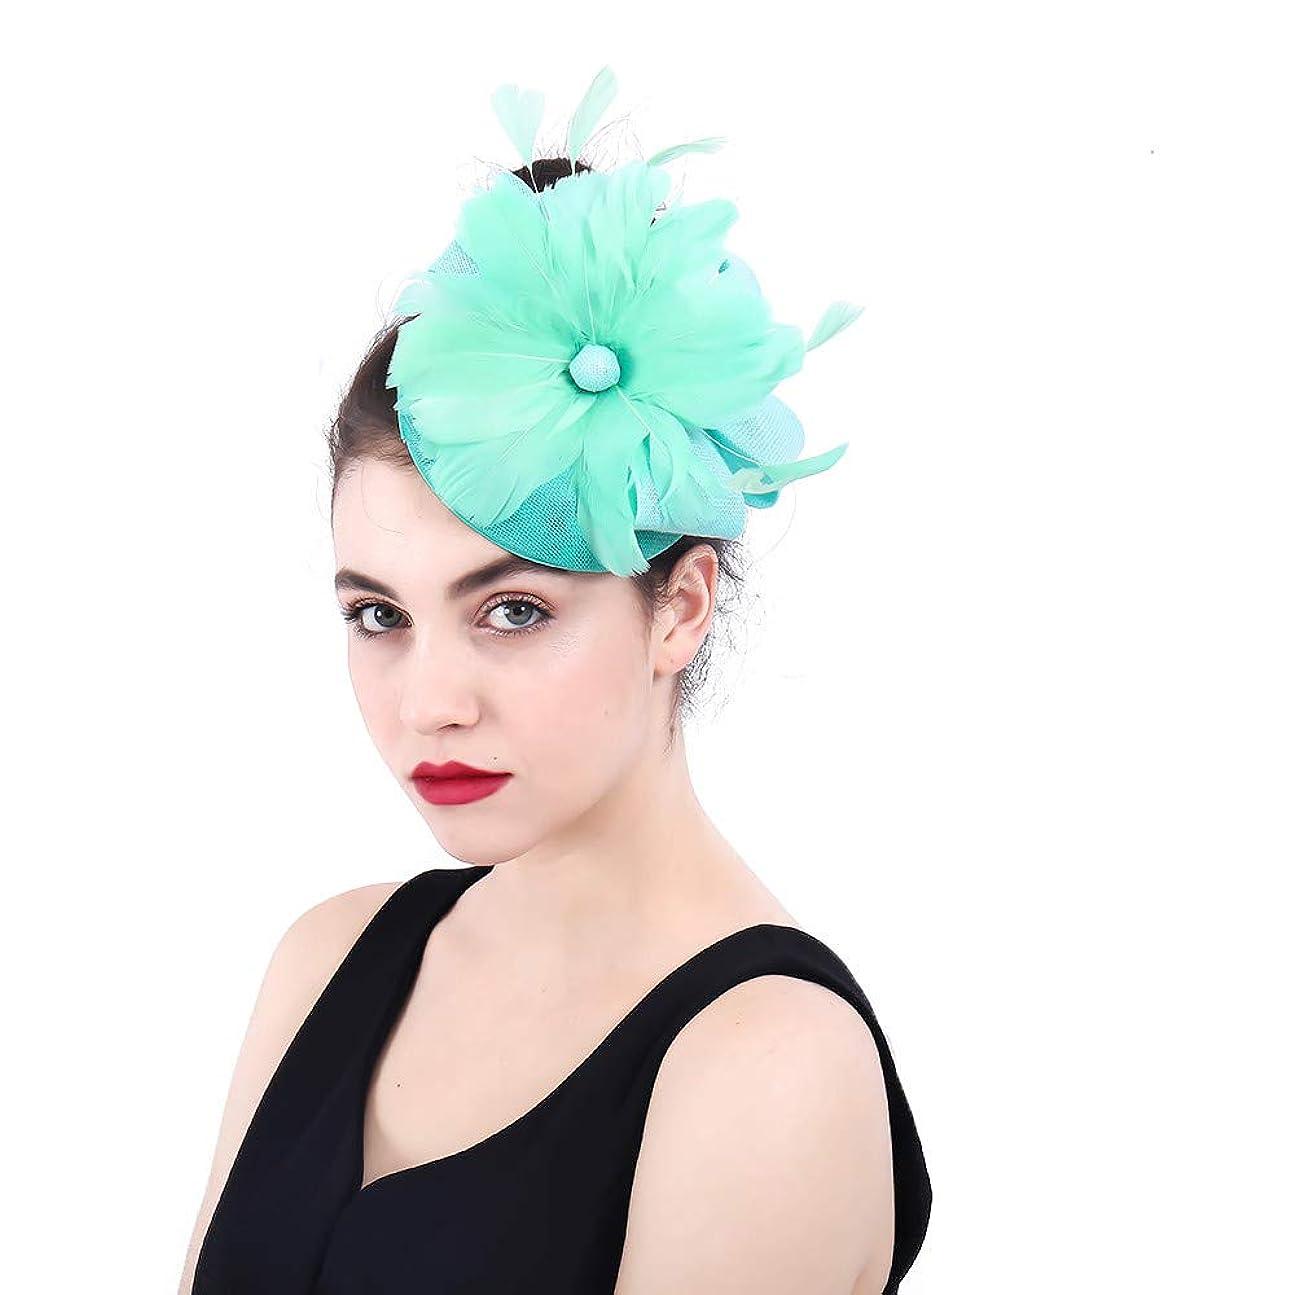 狂った丁寧テロ女性の魅力的な帽子 女性のエレガントな魅惑的な帽子の羽の花の結婚式のヘアピンヘッドドレスロイヤルアスコットカクテルティーパーティー (色 : 青)